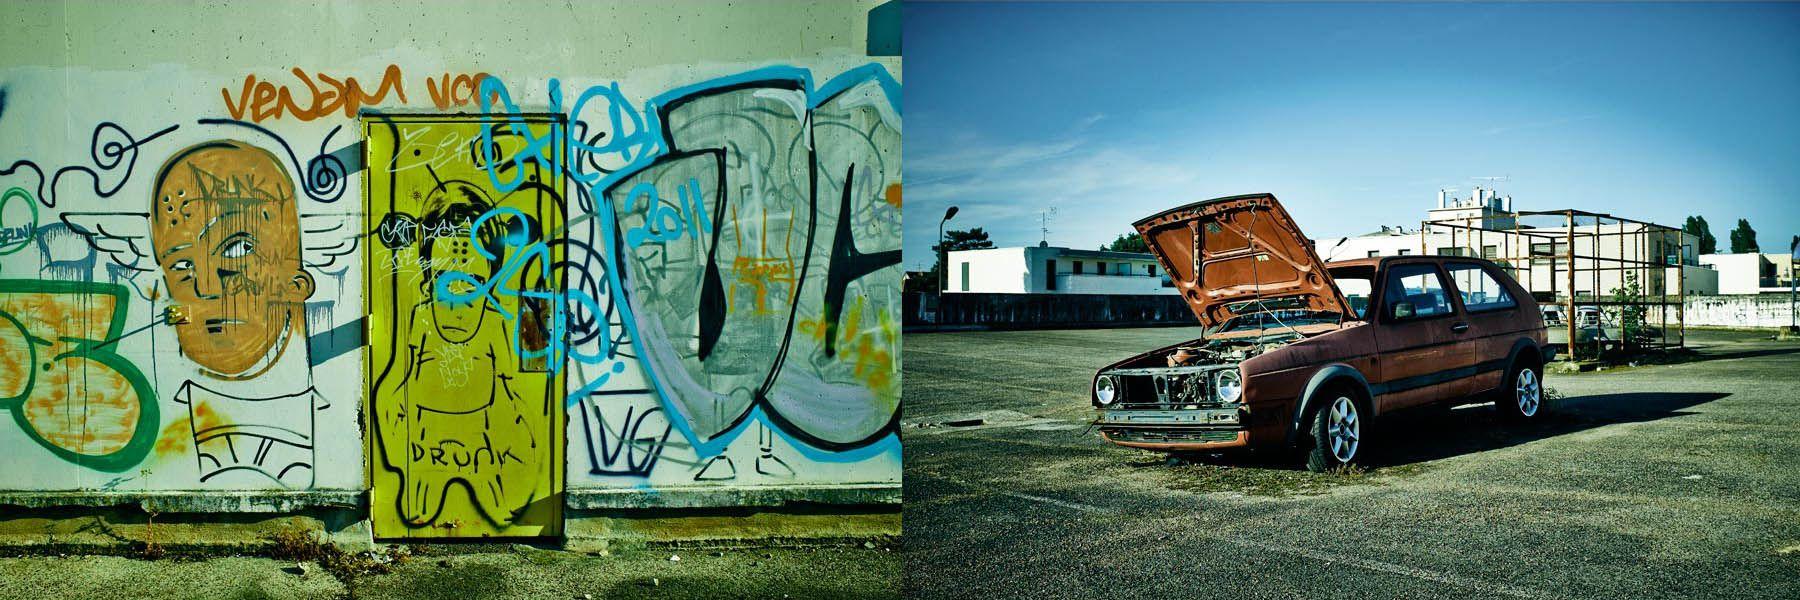 CarparkX2.jpg